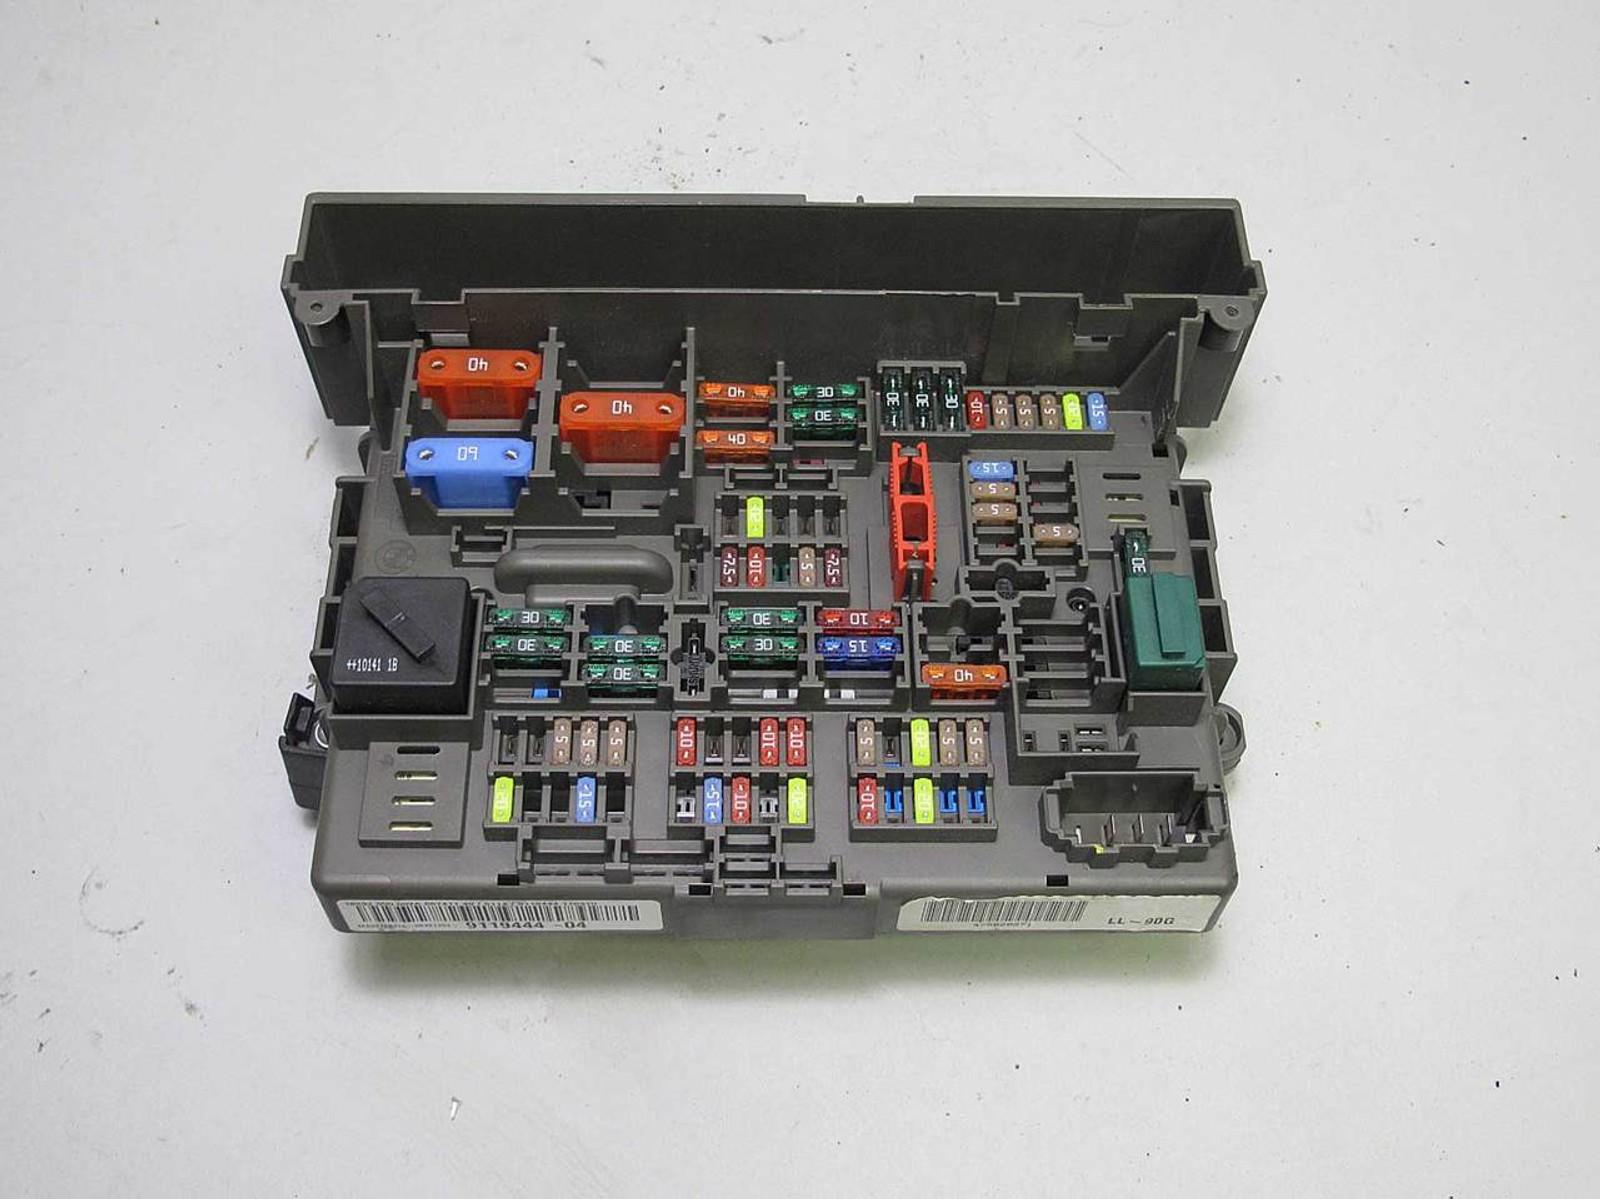 medium resolution of bmw e90 e92 3 series e82 front interior glove box fuse box 2008 2013 bmw 328i fuse box diagram bmw e90 glove box fuse